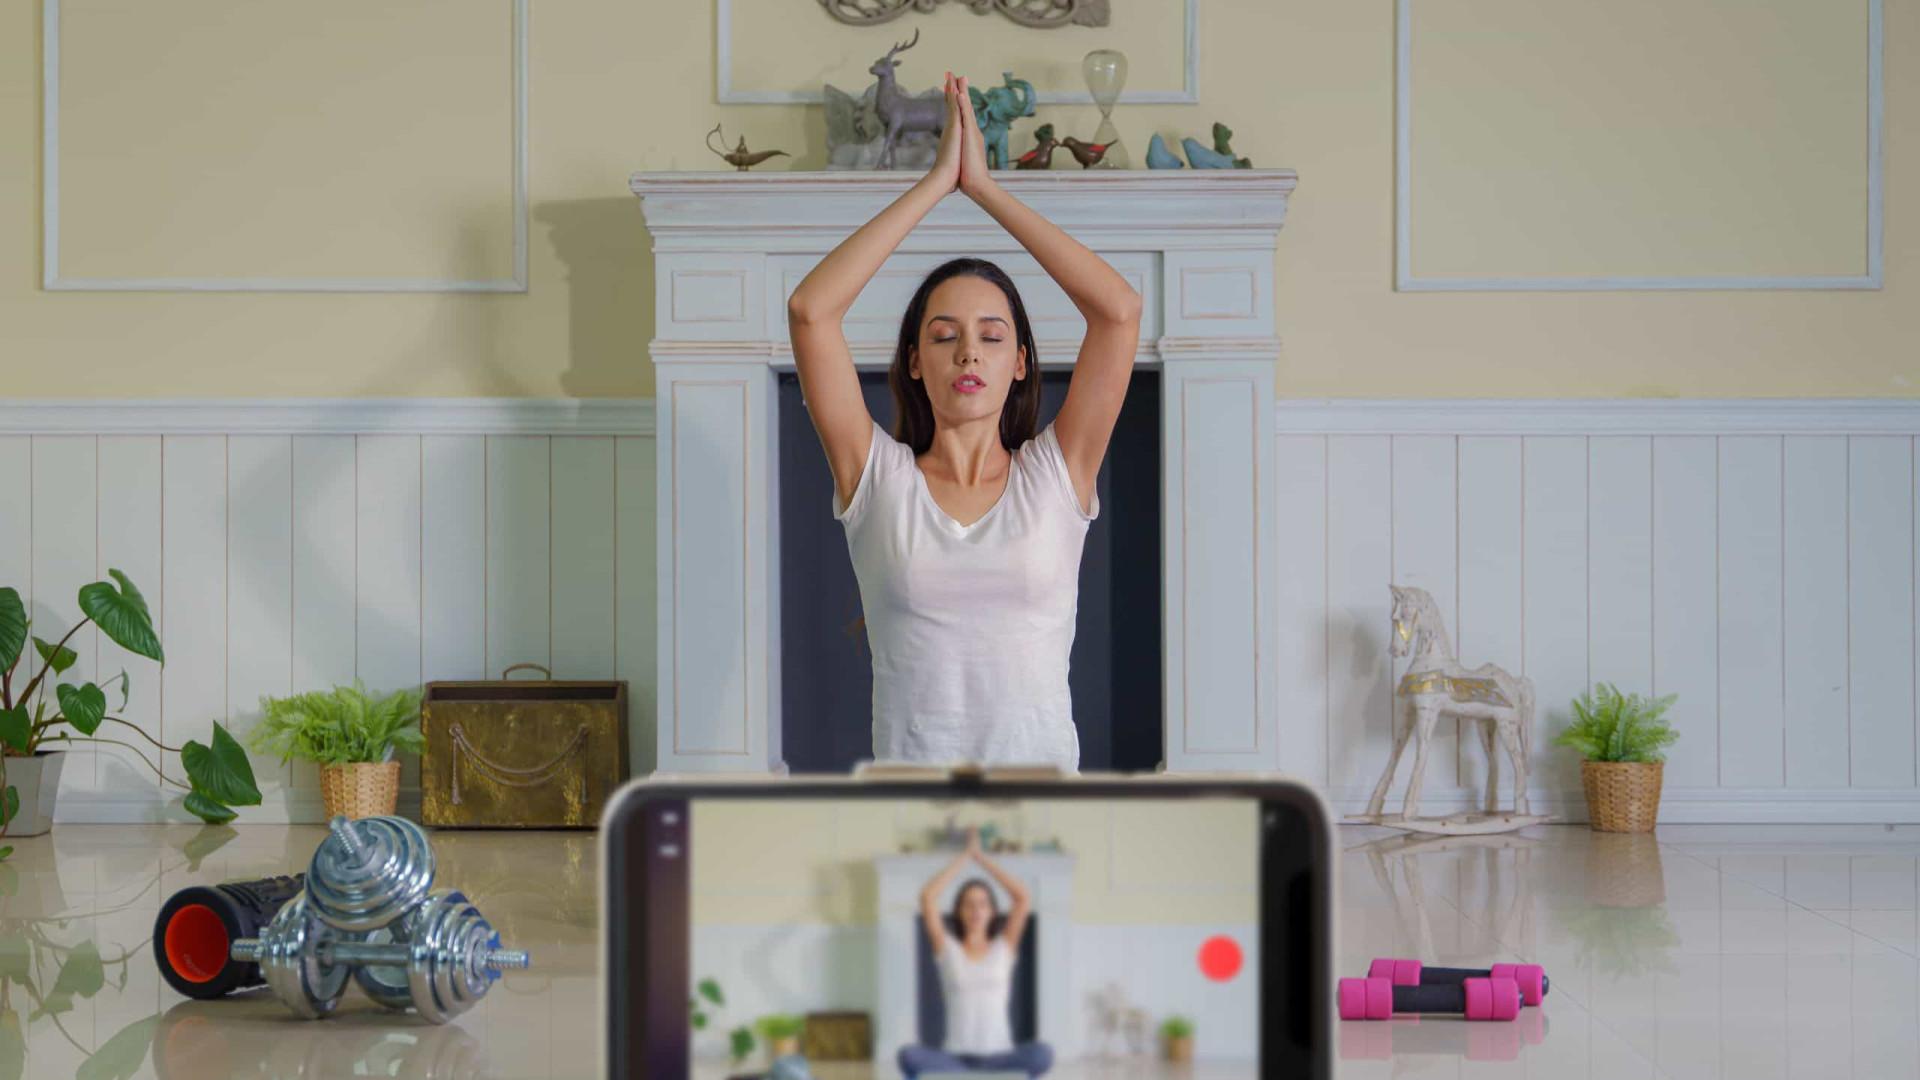 Especialista aponta cinco aplicativos para praticar ioga